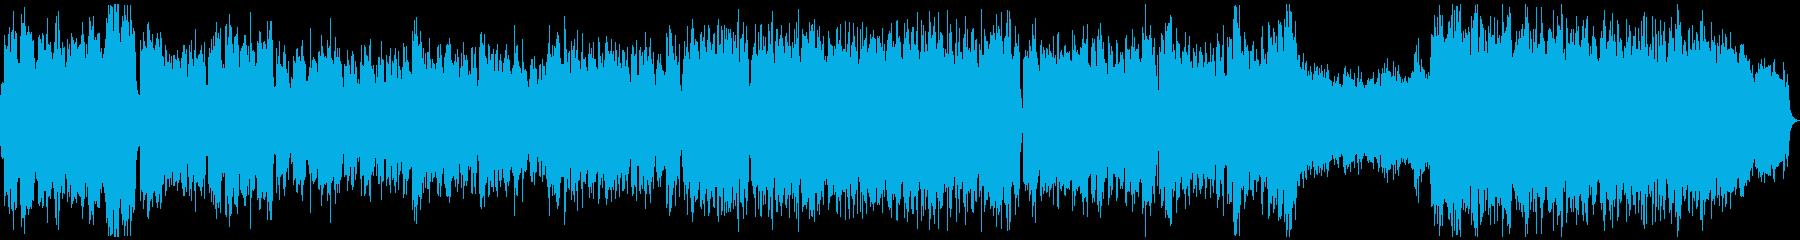 ★緊迫したシーン幻想的BGM(フル)の再生済みの波形